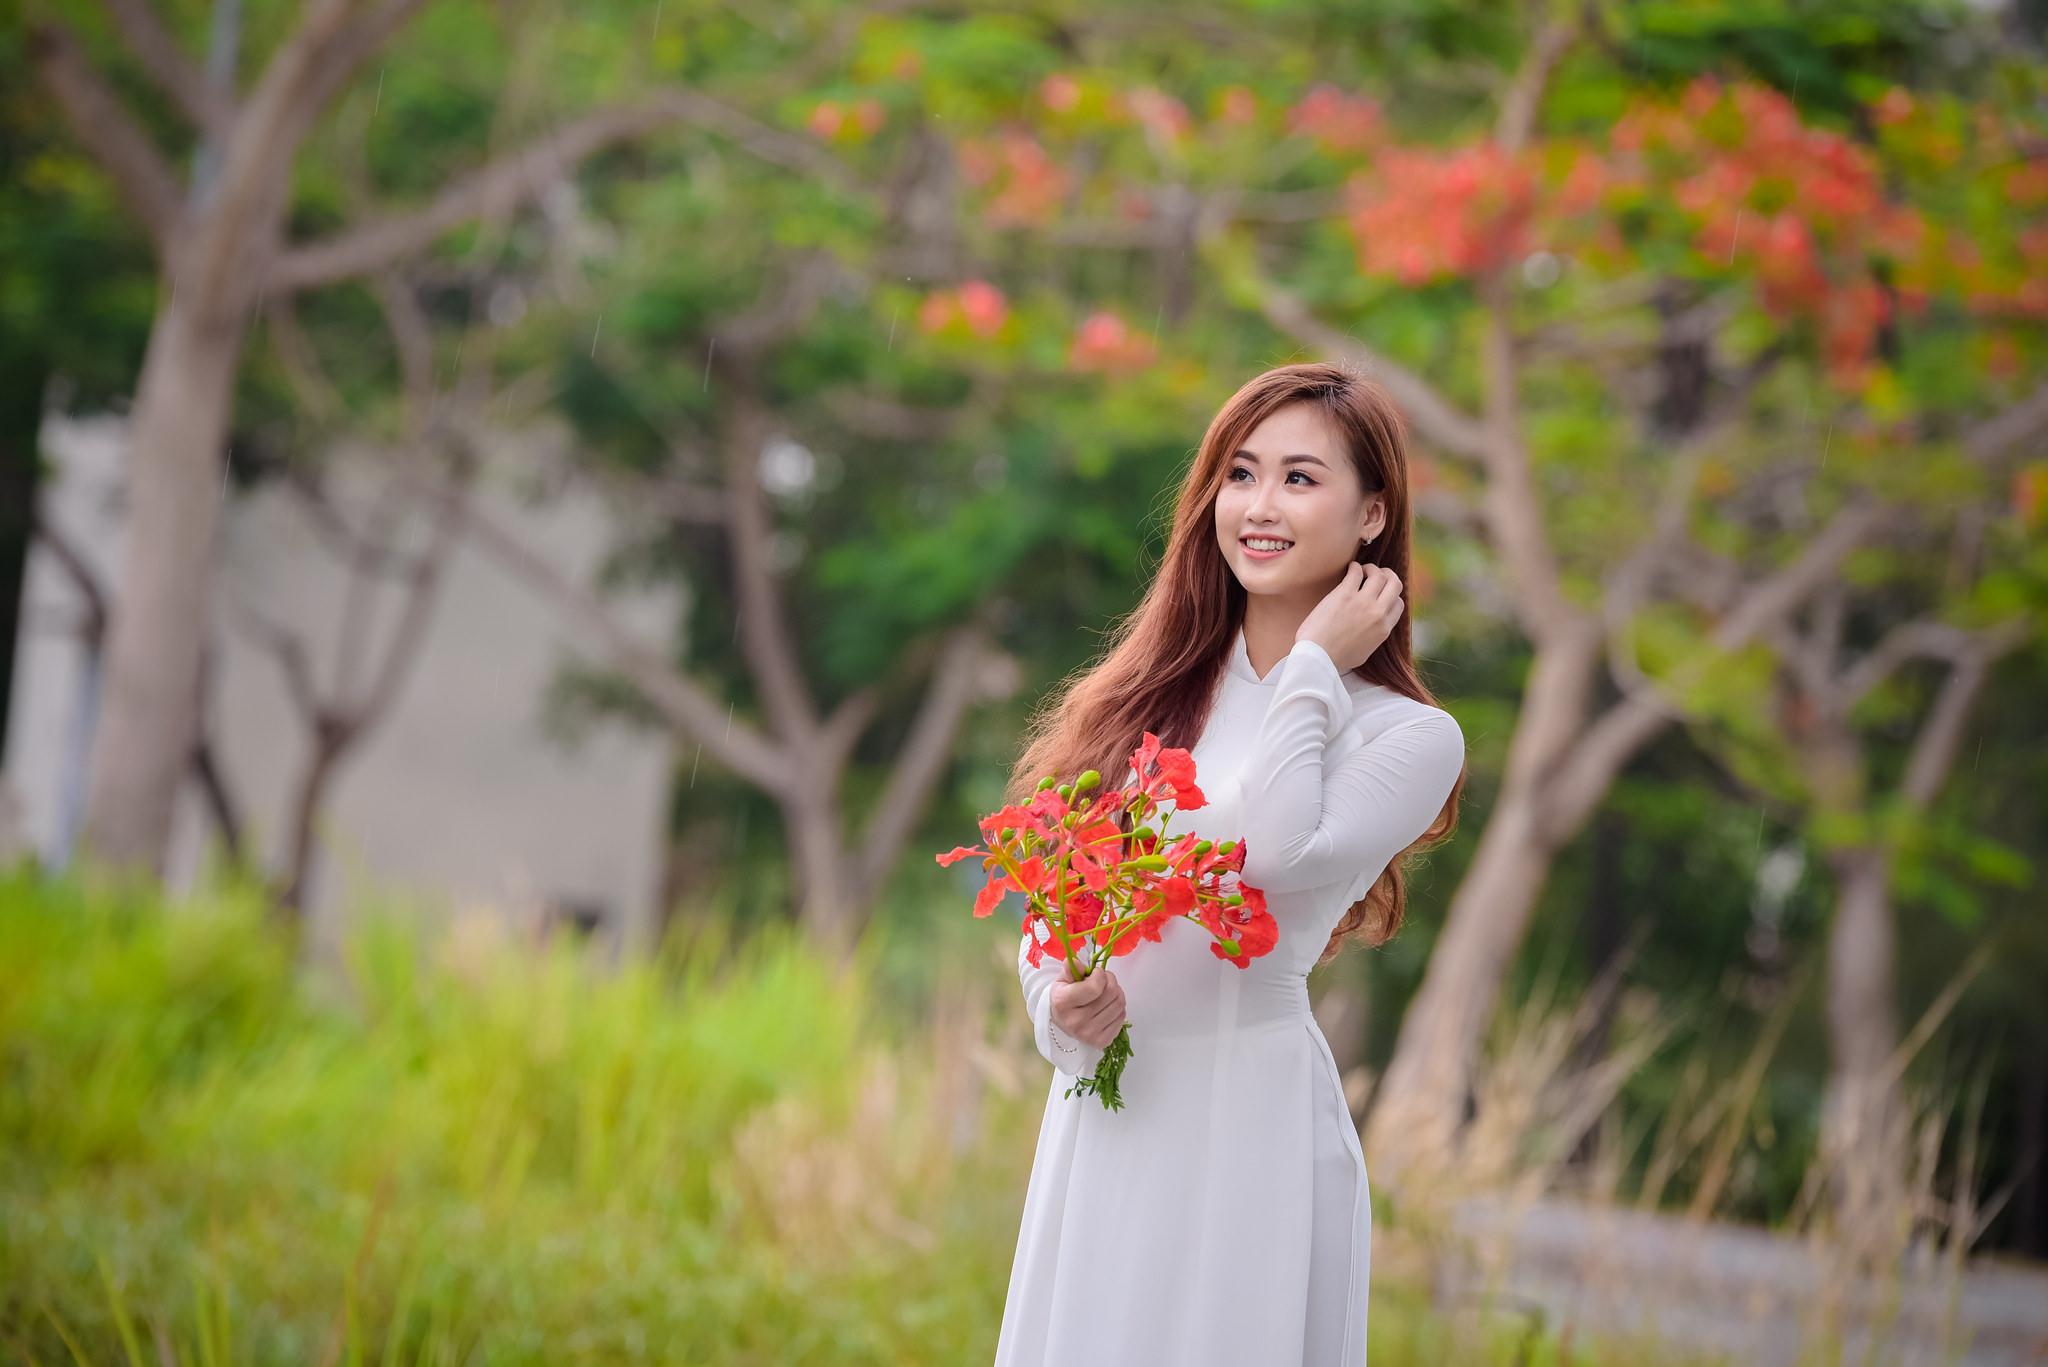 Chụp hình với áo dài trắng - MissAoDai